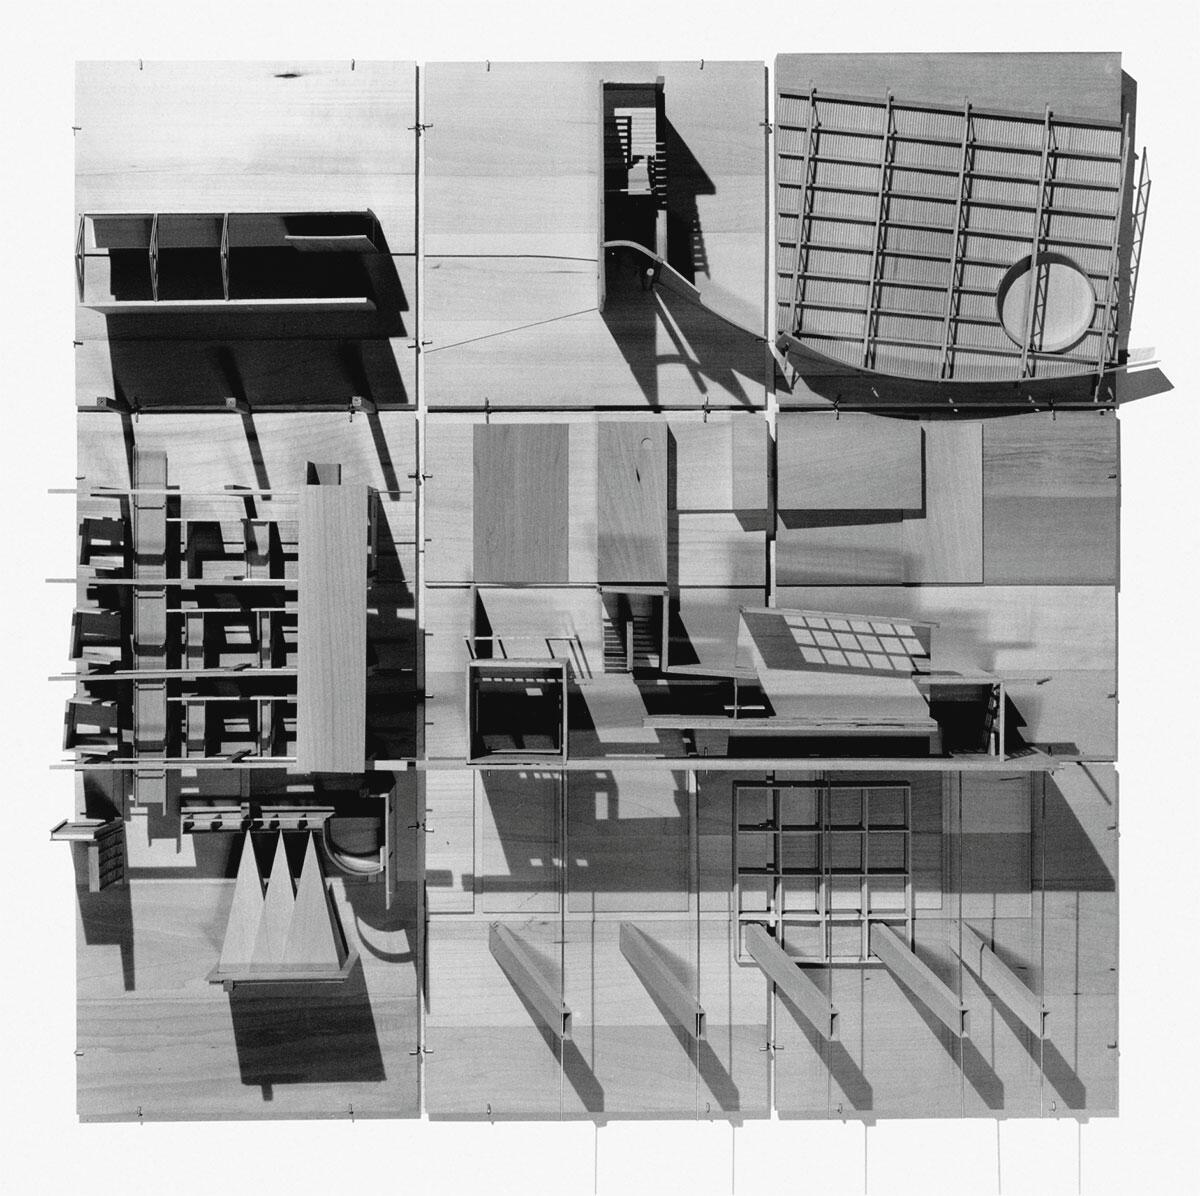 Marc Angélil, Sarah Graham und Barry Price, Modell für die Ausstellung «The Making of Architecture», Graduate School of Design, Harvard University, 1985.